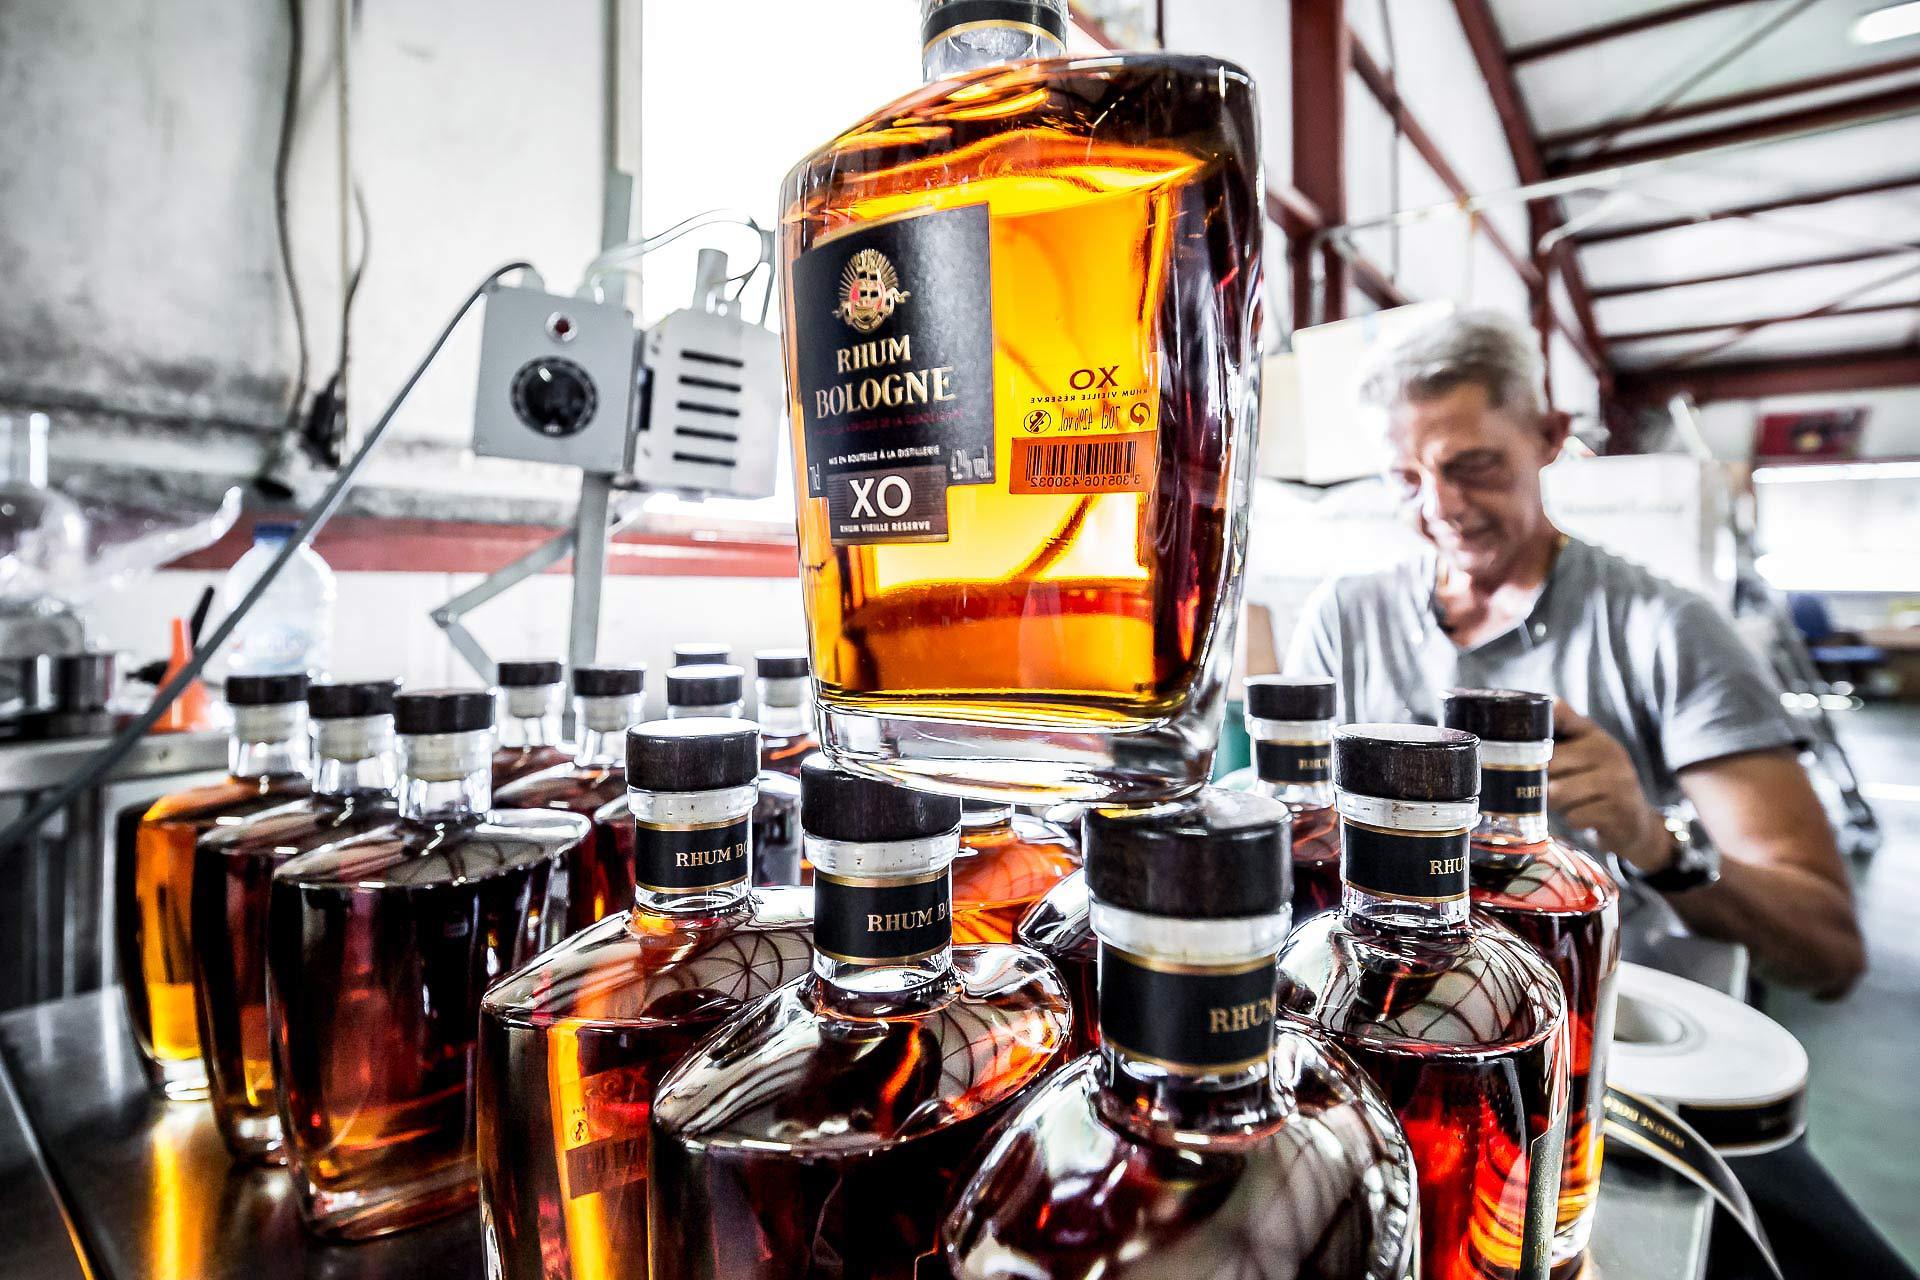 distillerie_bologne_julien-cresp_hd-27